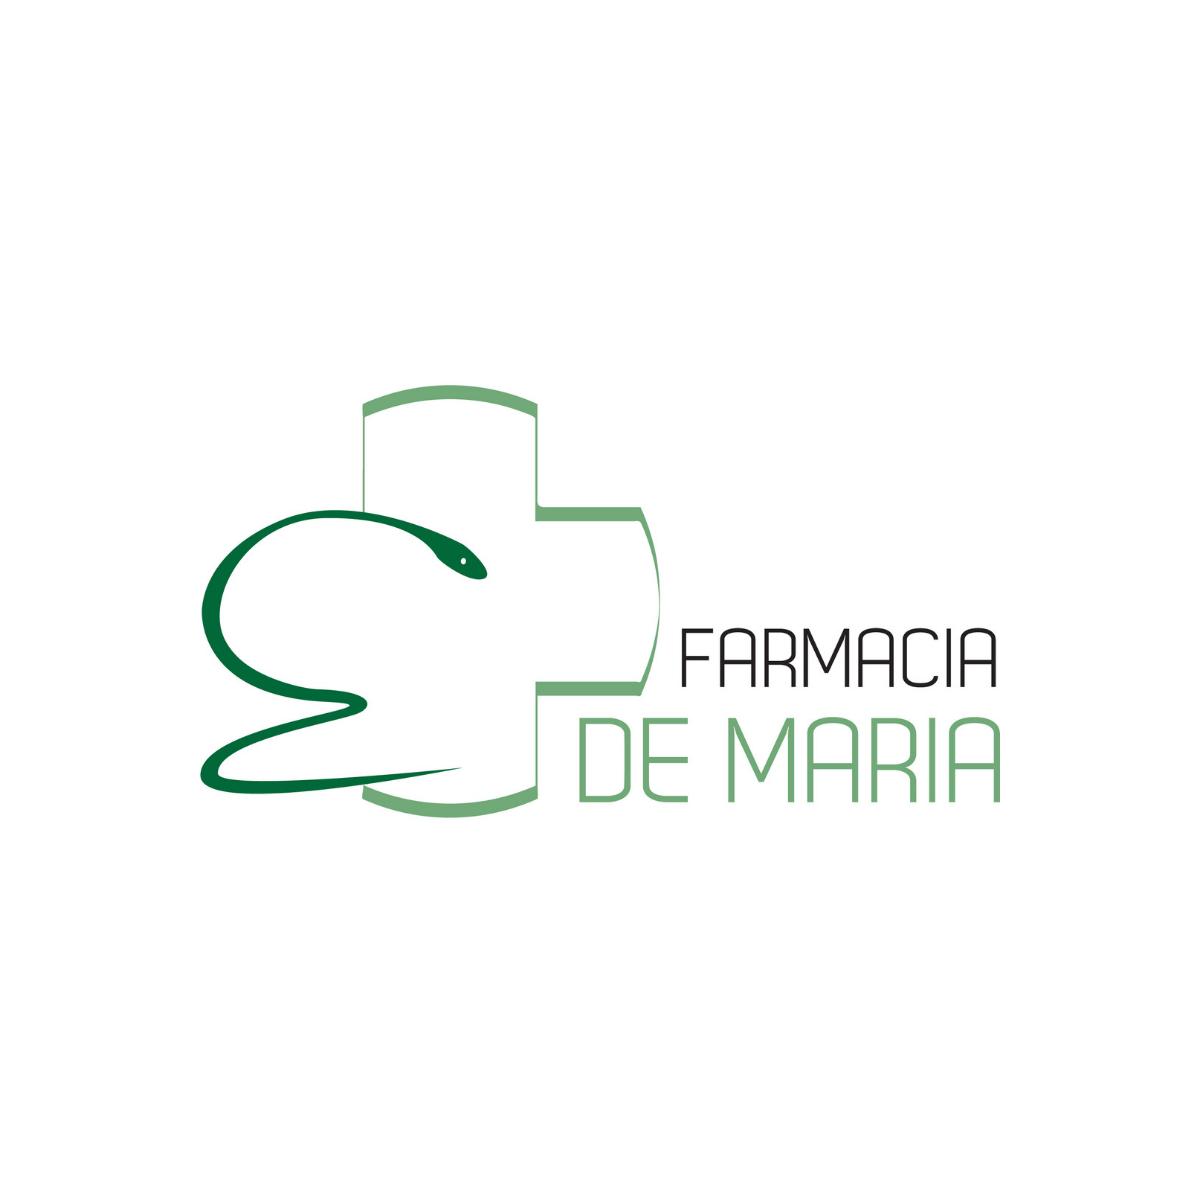 Farmacia De Maria Arona